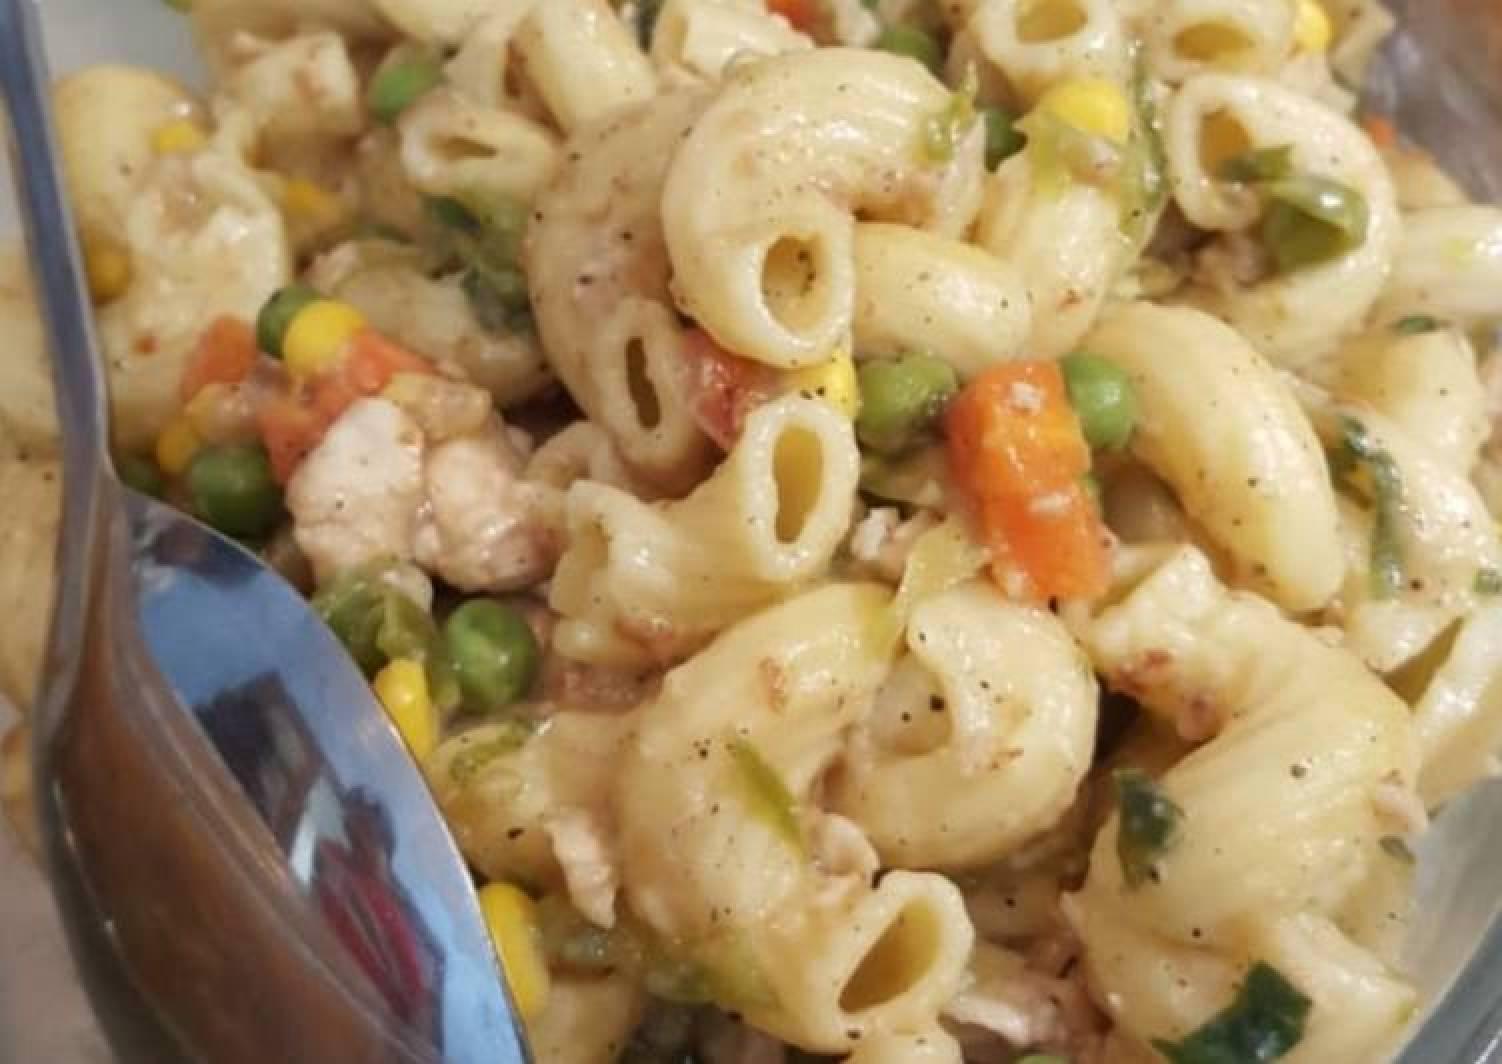 Chicken vegetable pasta